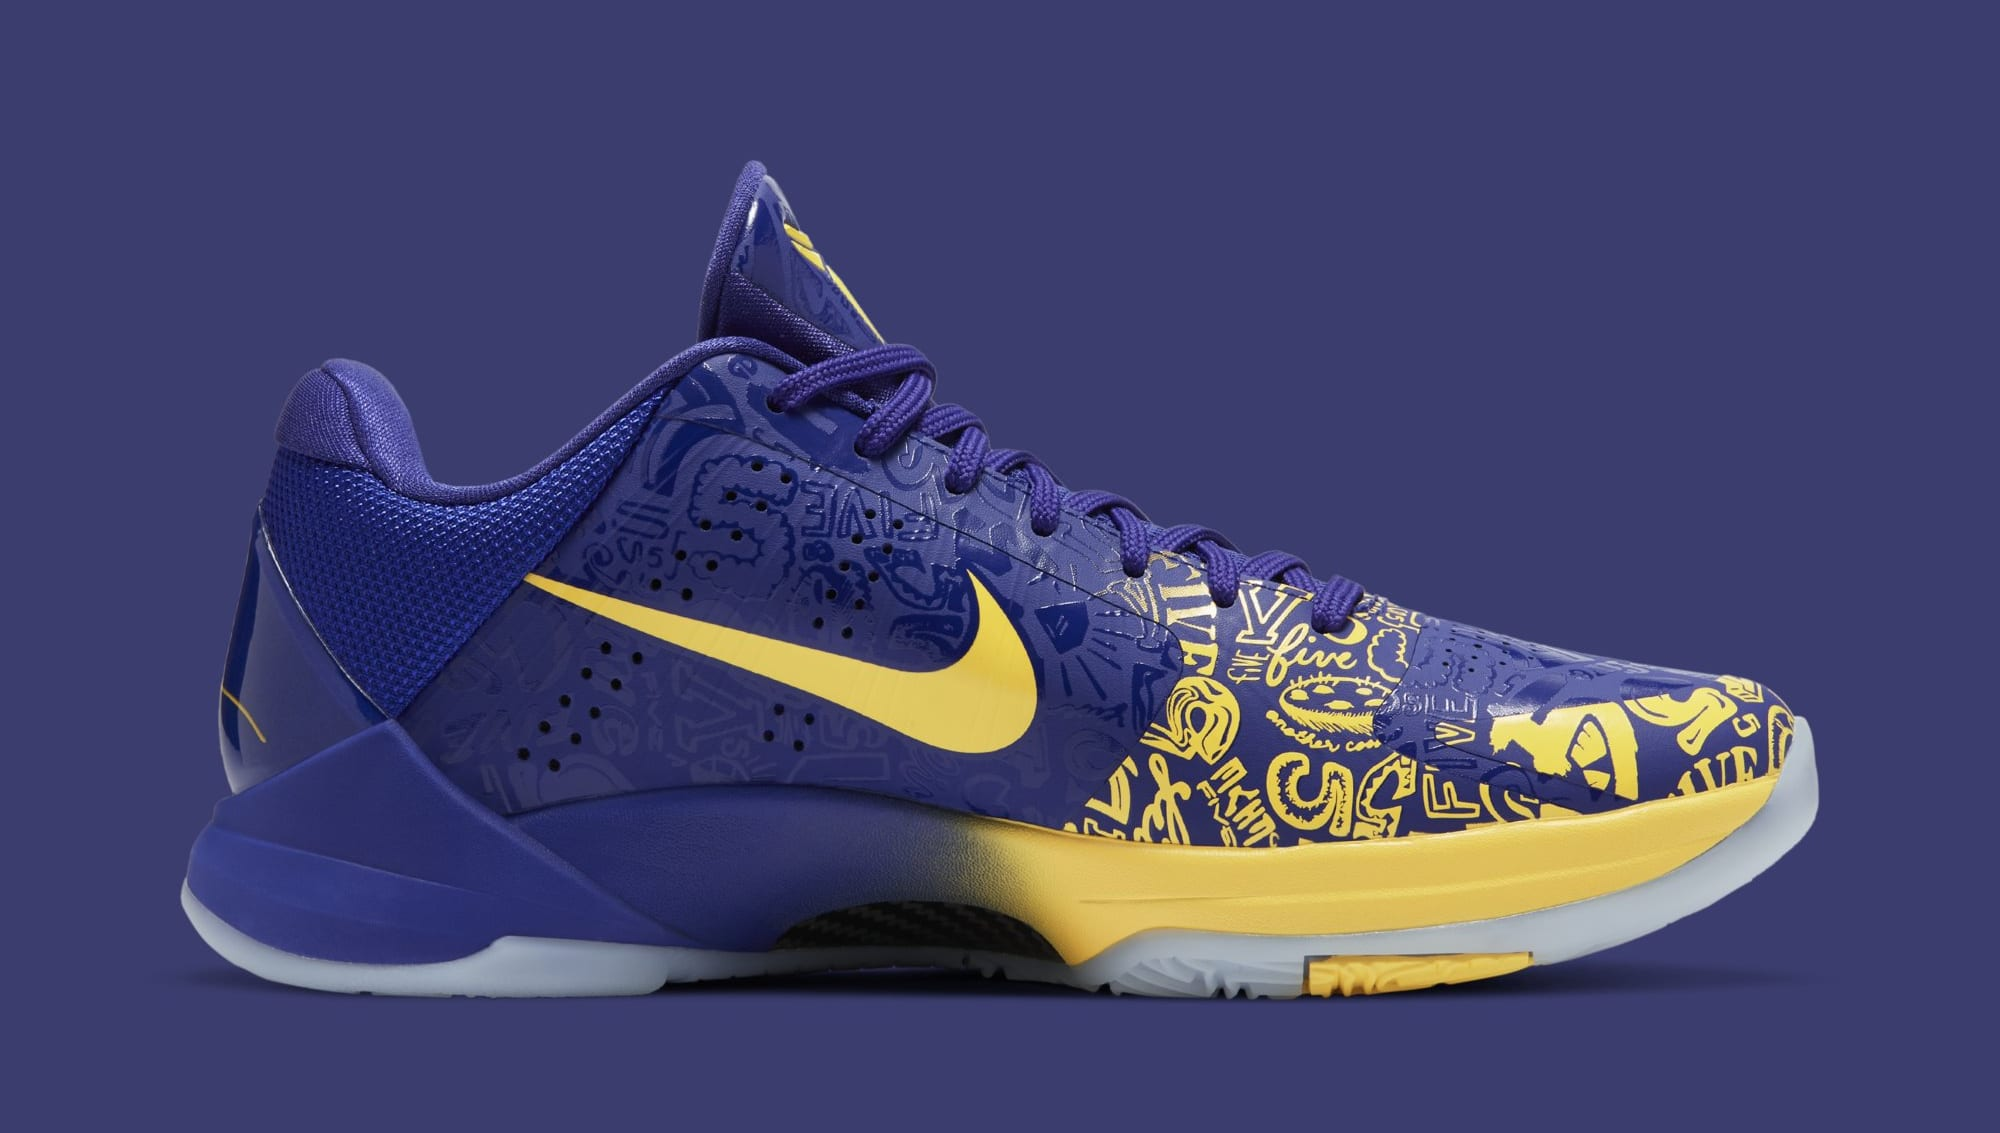 Nike Kobe 5 Protro '5 Rings' CD4991-400 Medial